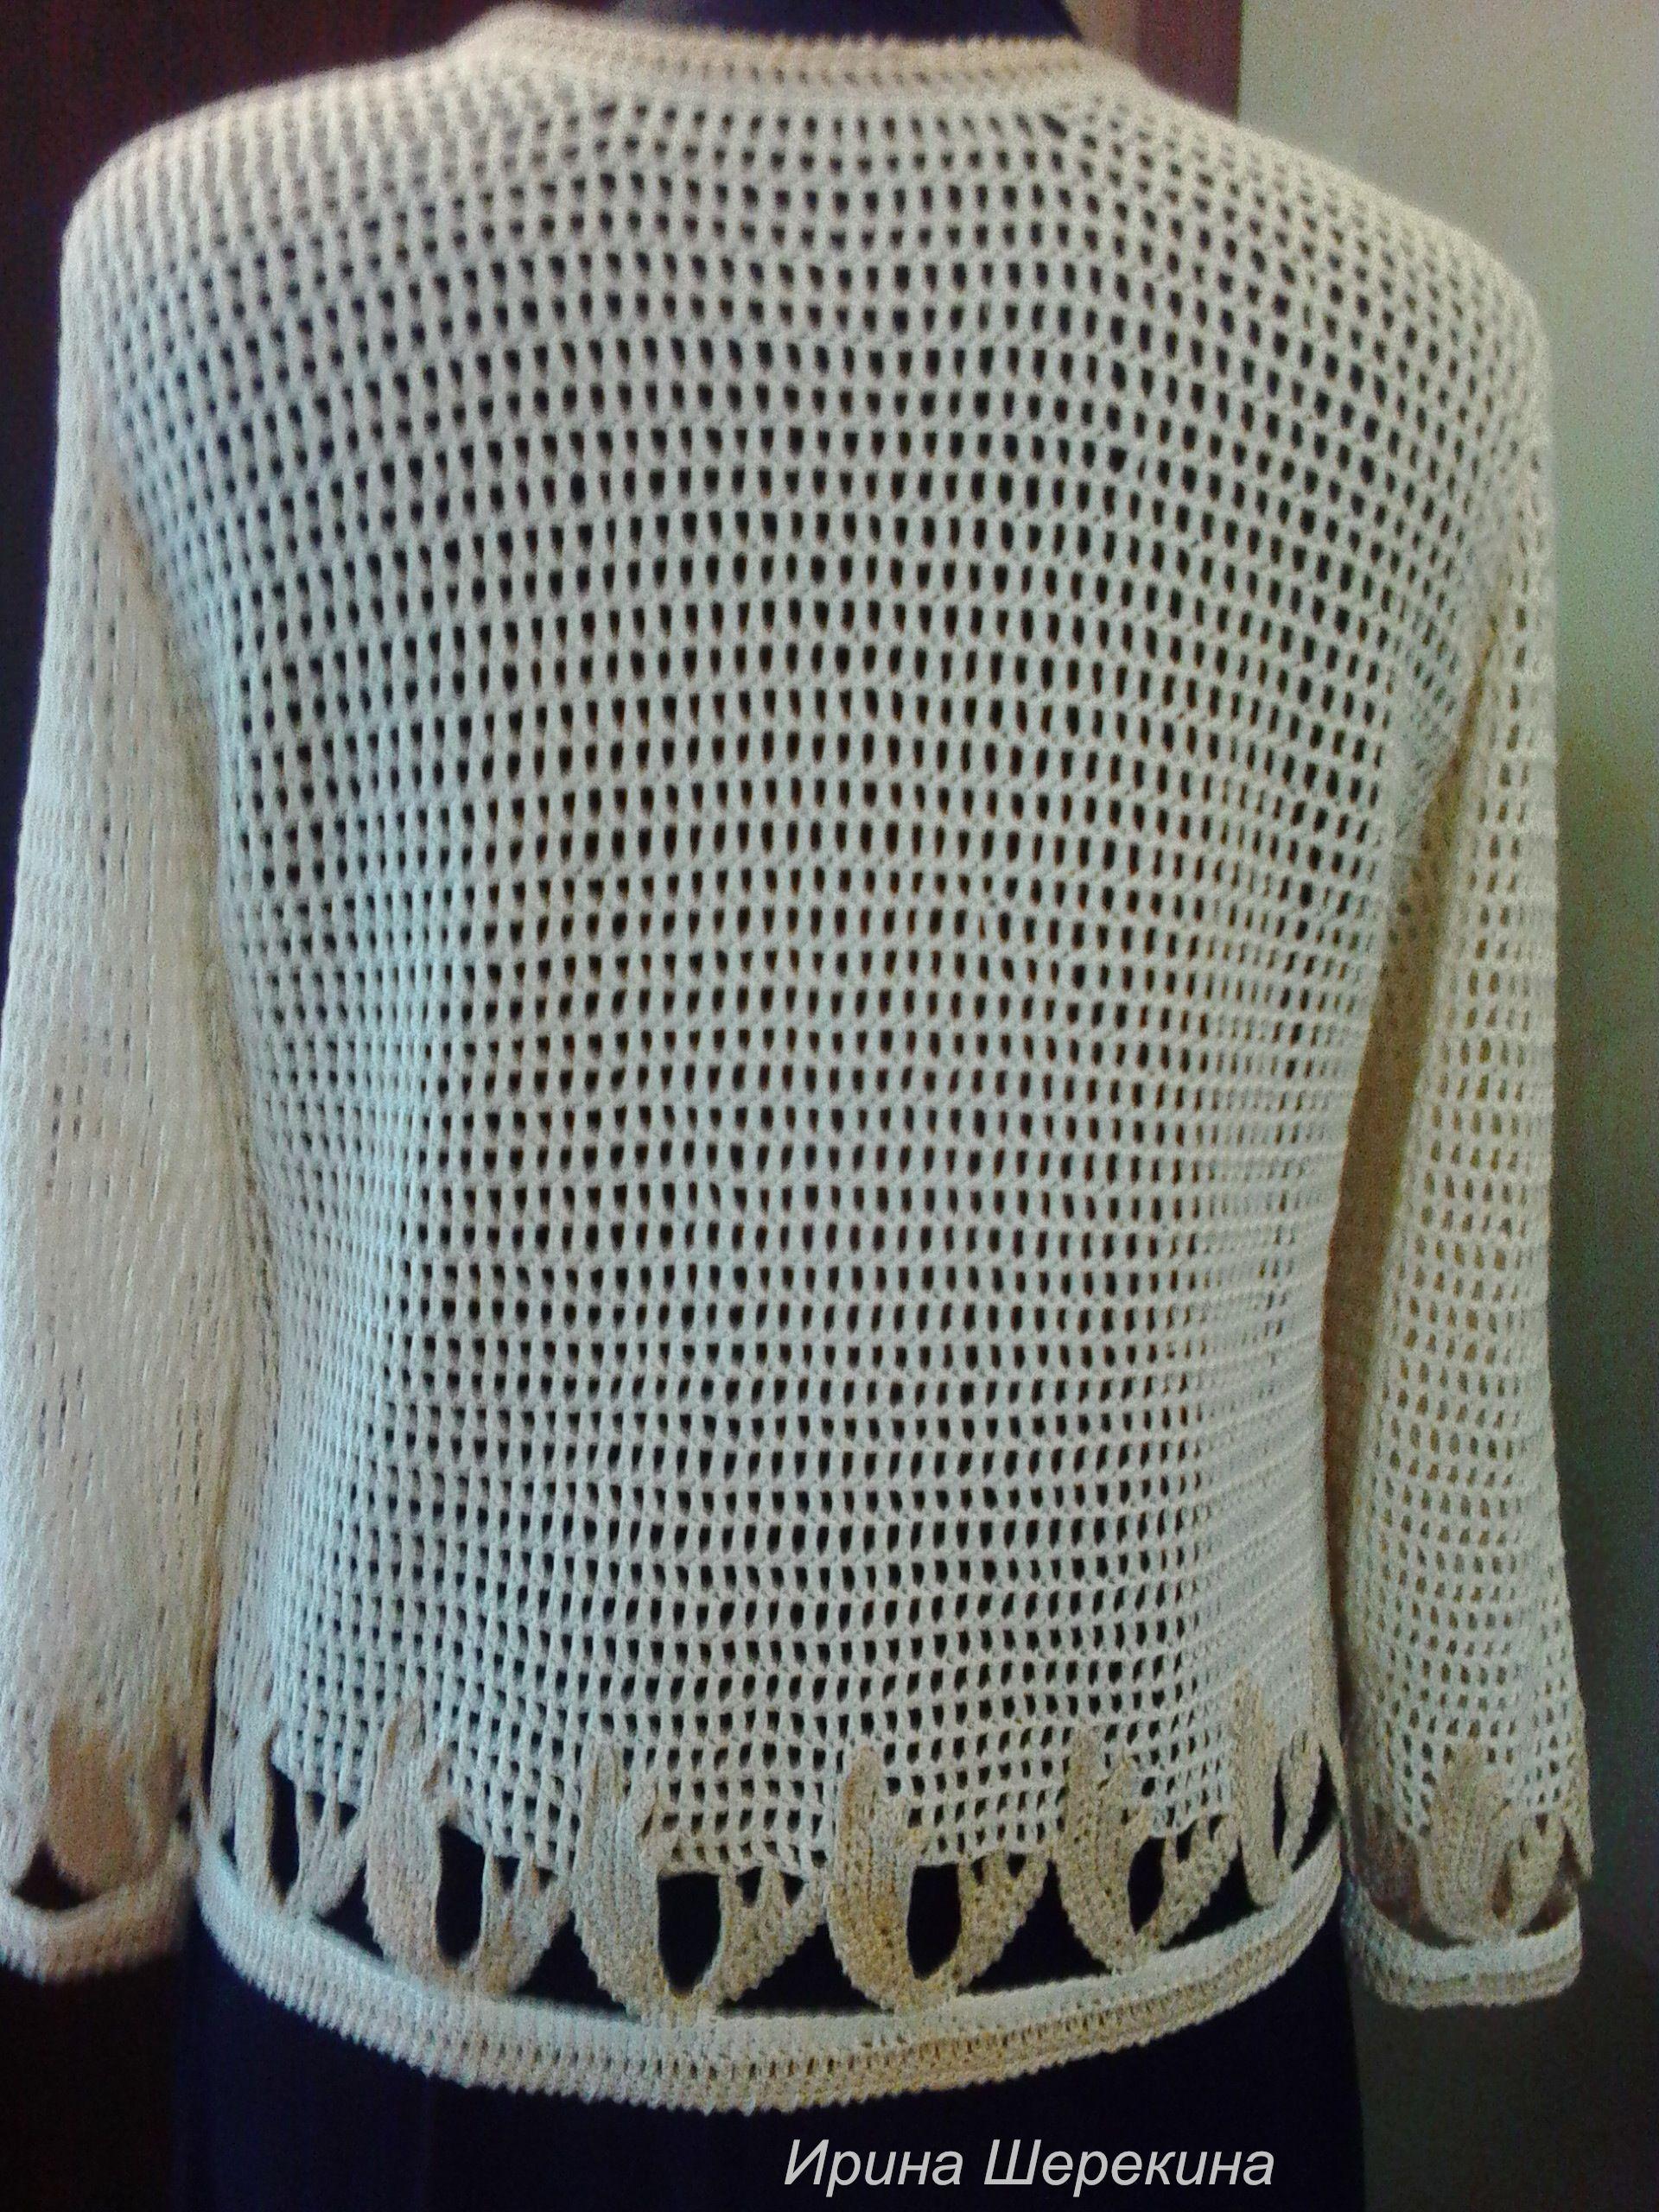 эксклюзивная одежда жакет кардиган вязание блуза кружево винтаж оригинальная кофта юбка жилет